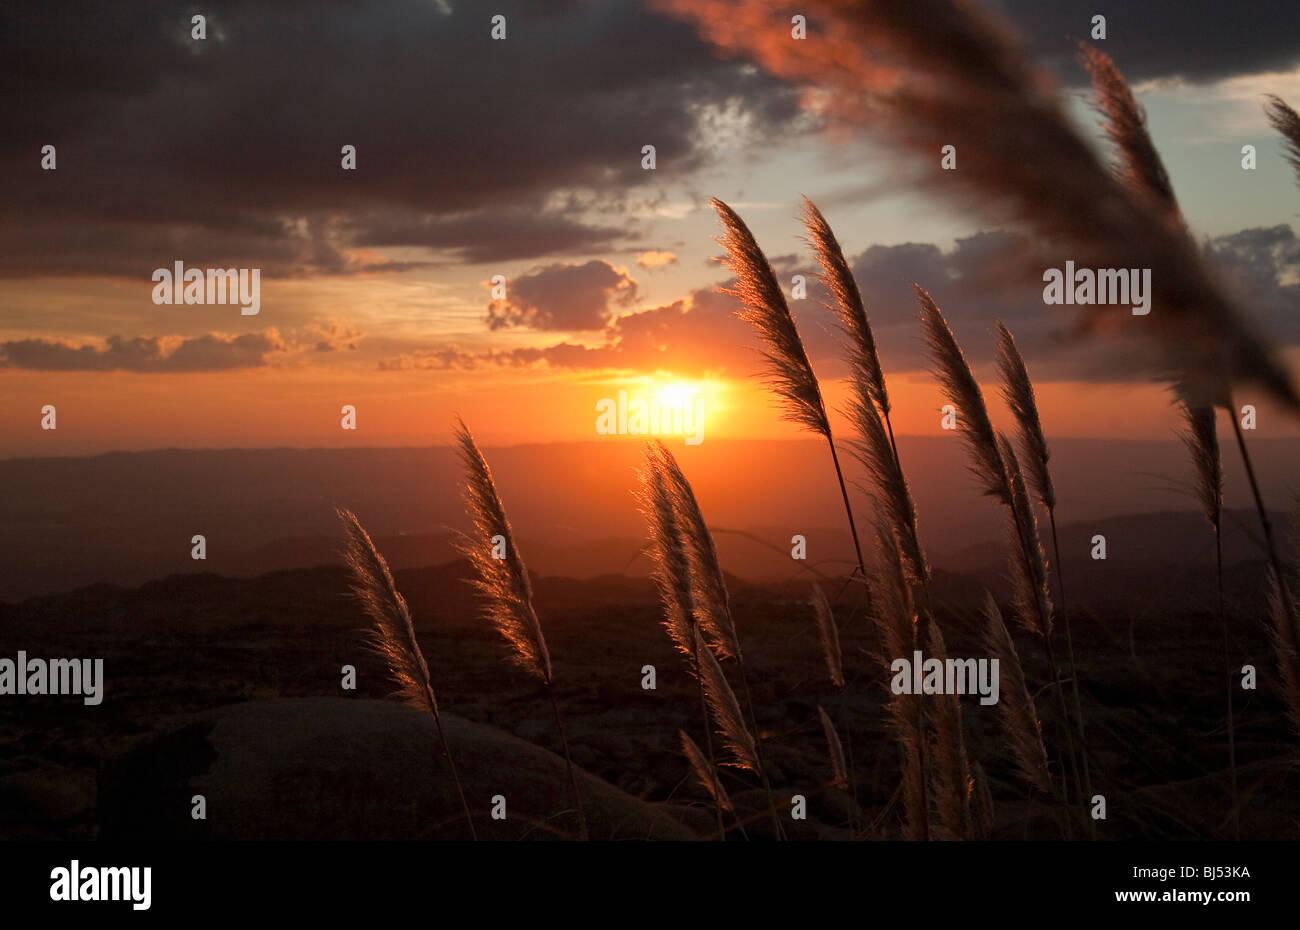 Hierba de láminas iluminadas por el sol Imagen De Stock